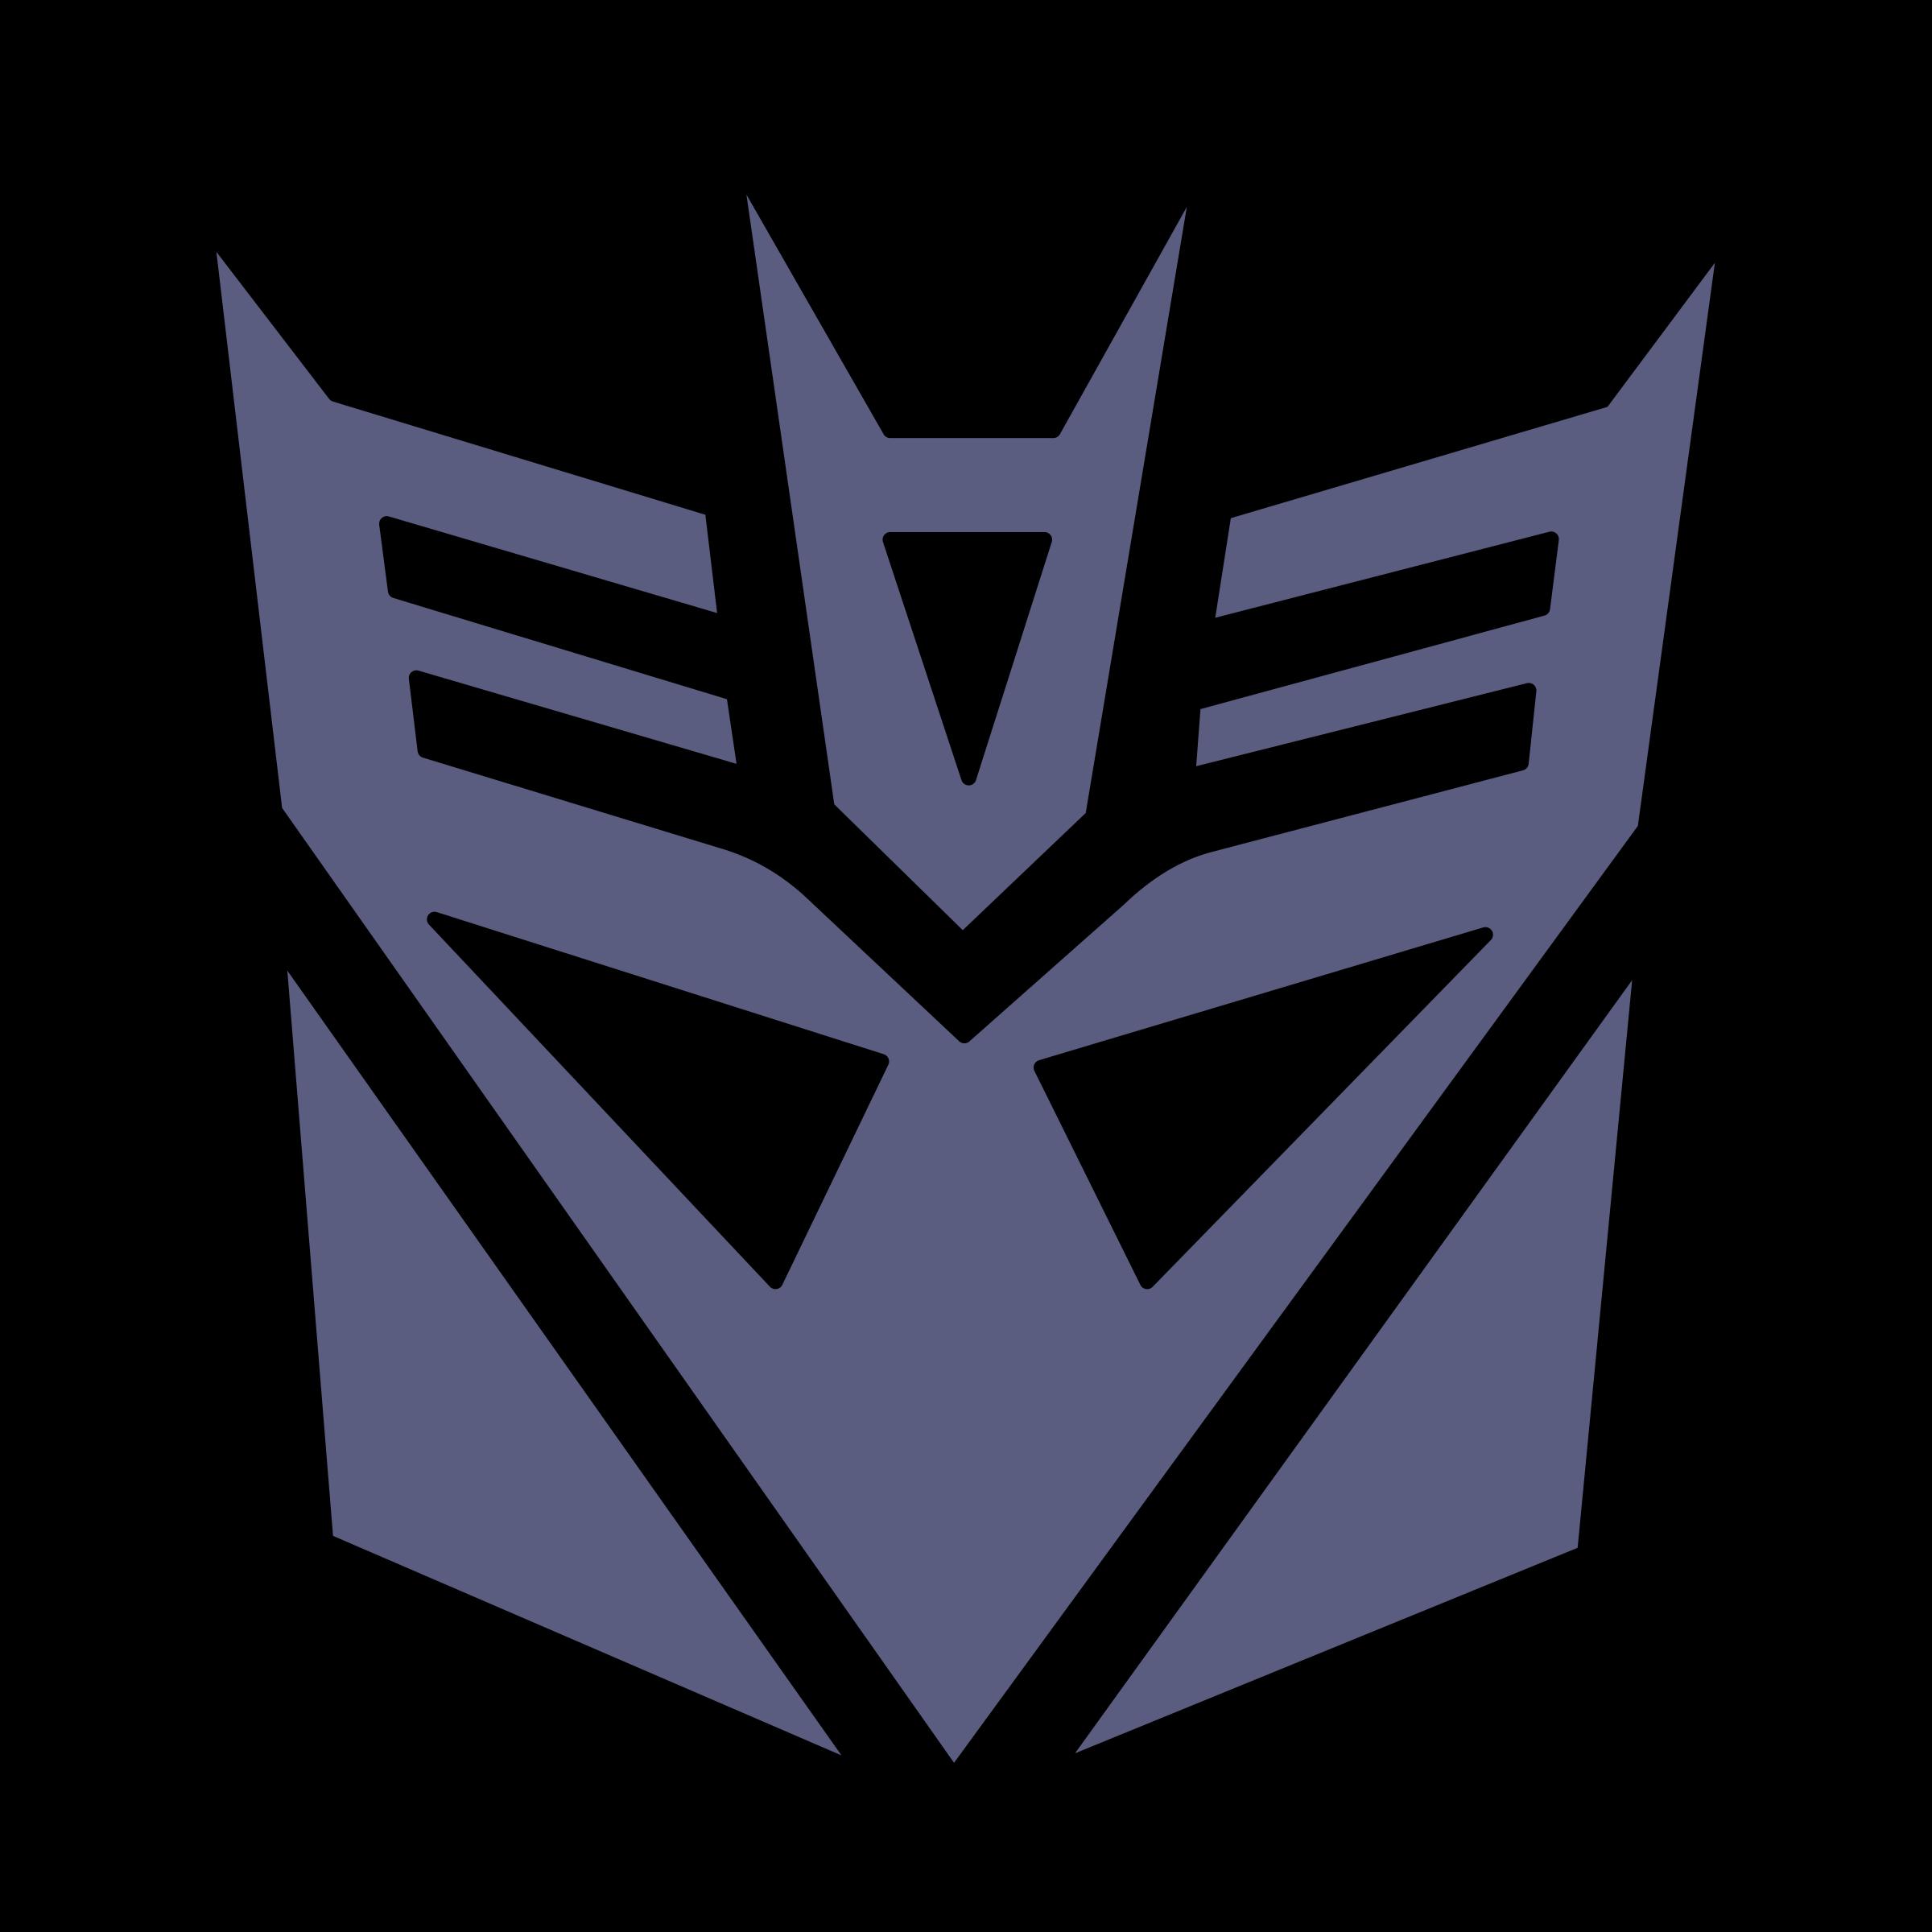 Transformers  Logos PNG Image